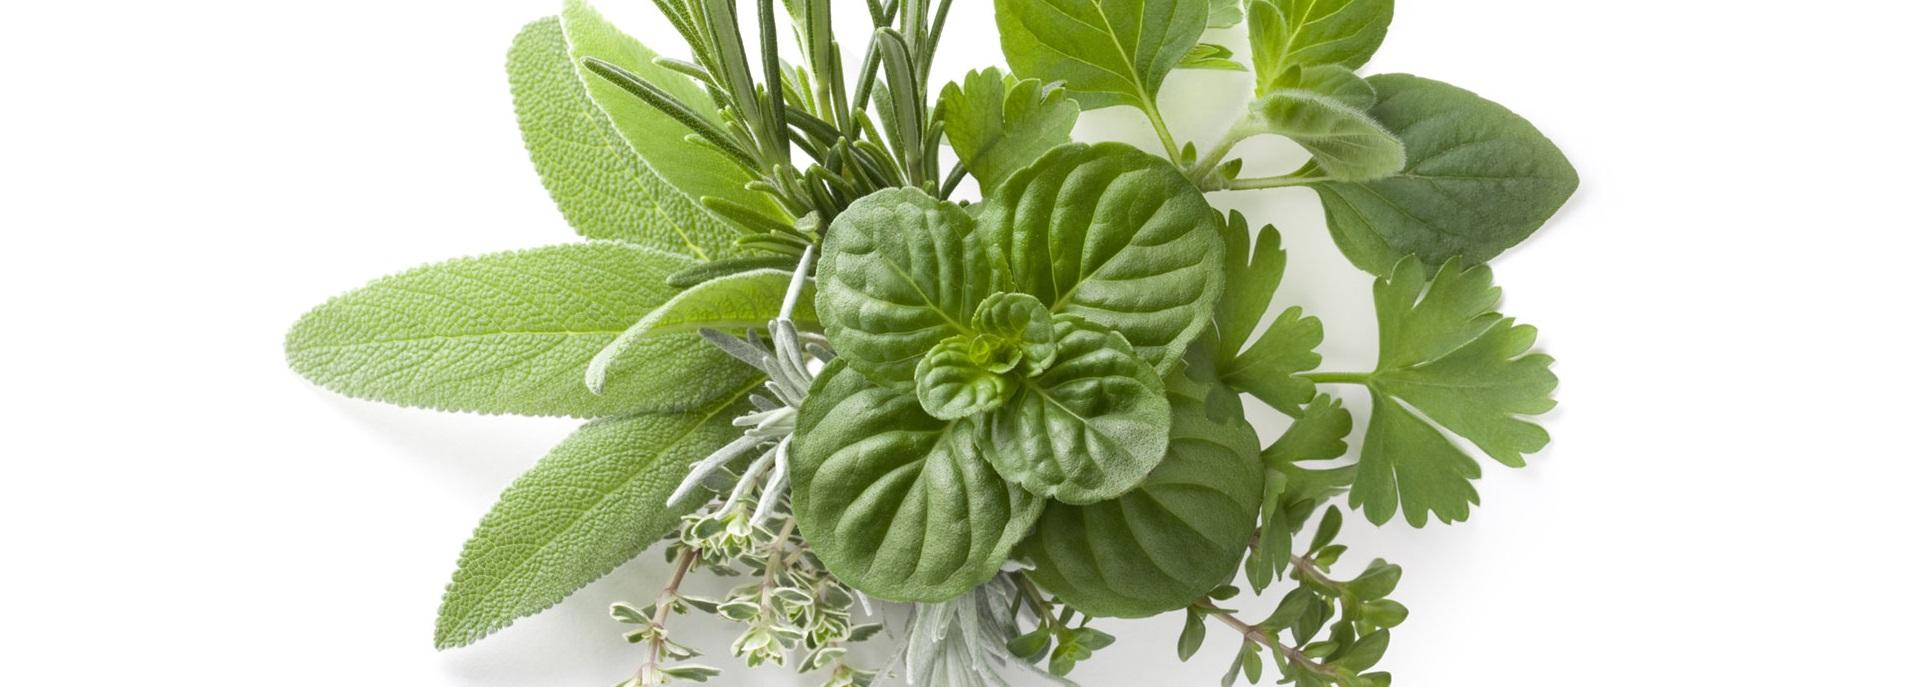 Botanic Medicine